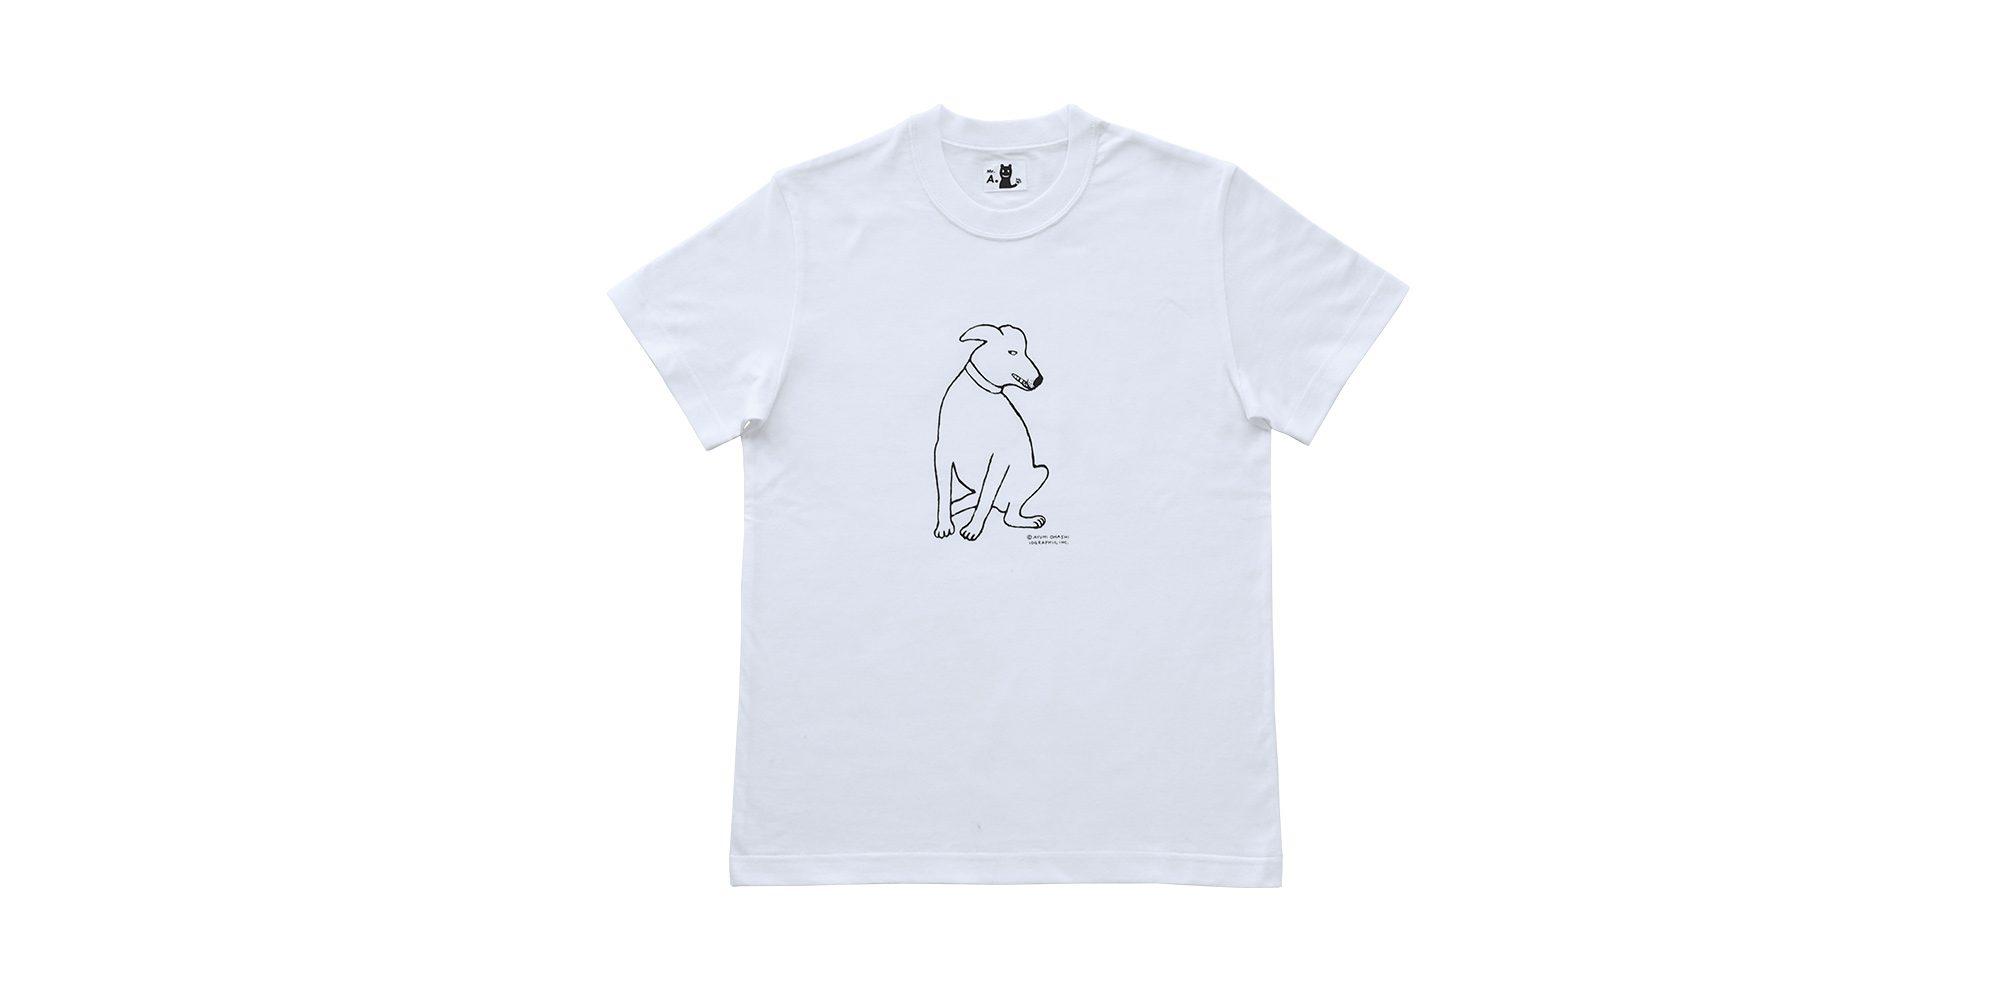 半袖プリントTシャツ(白いともだち)